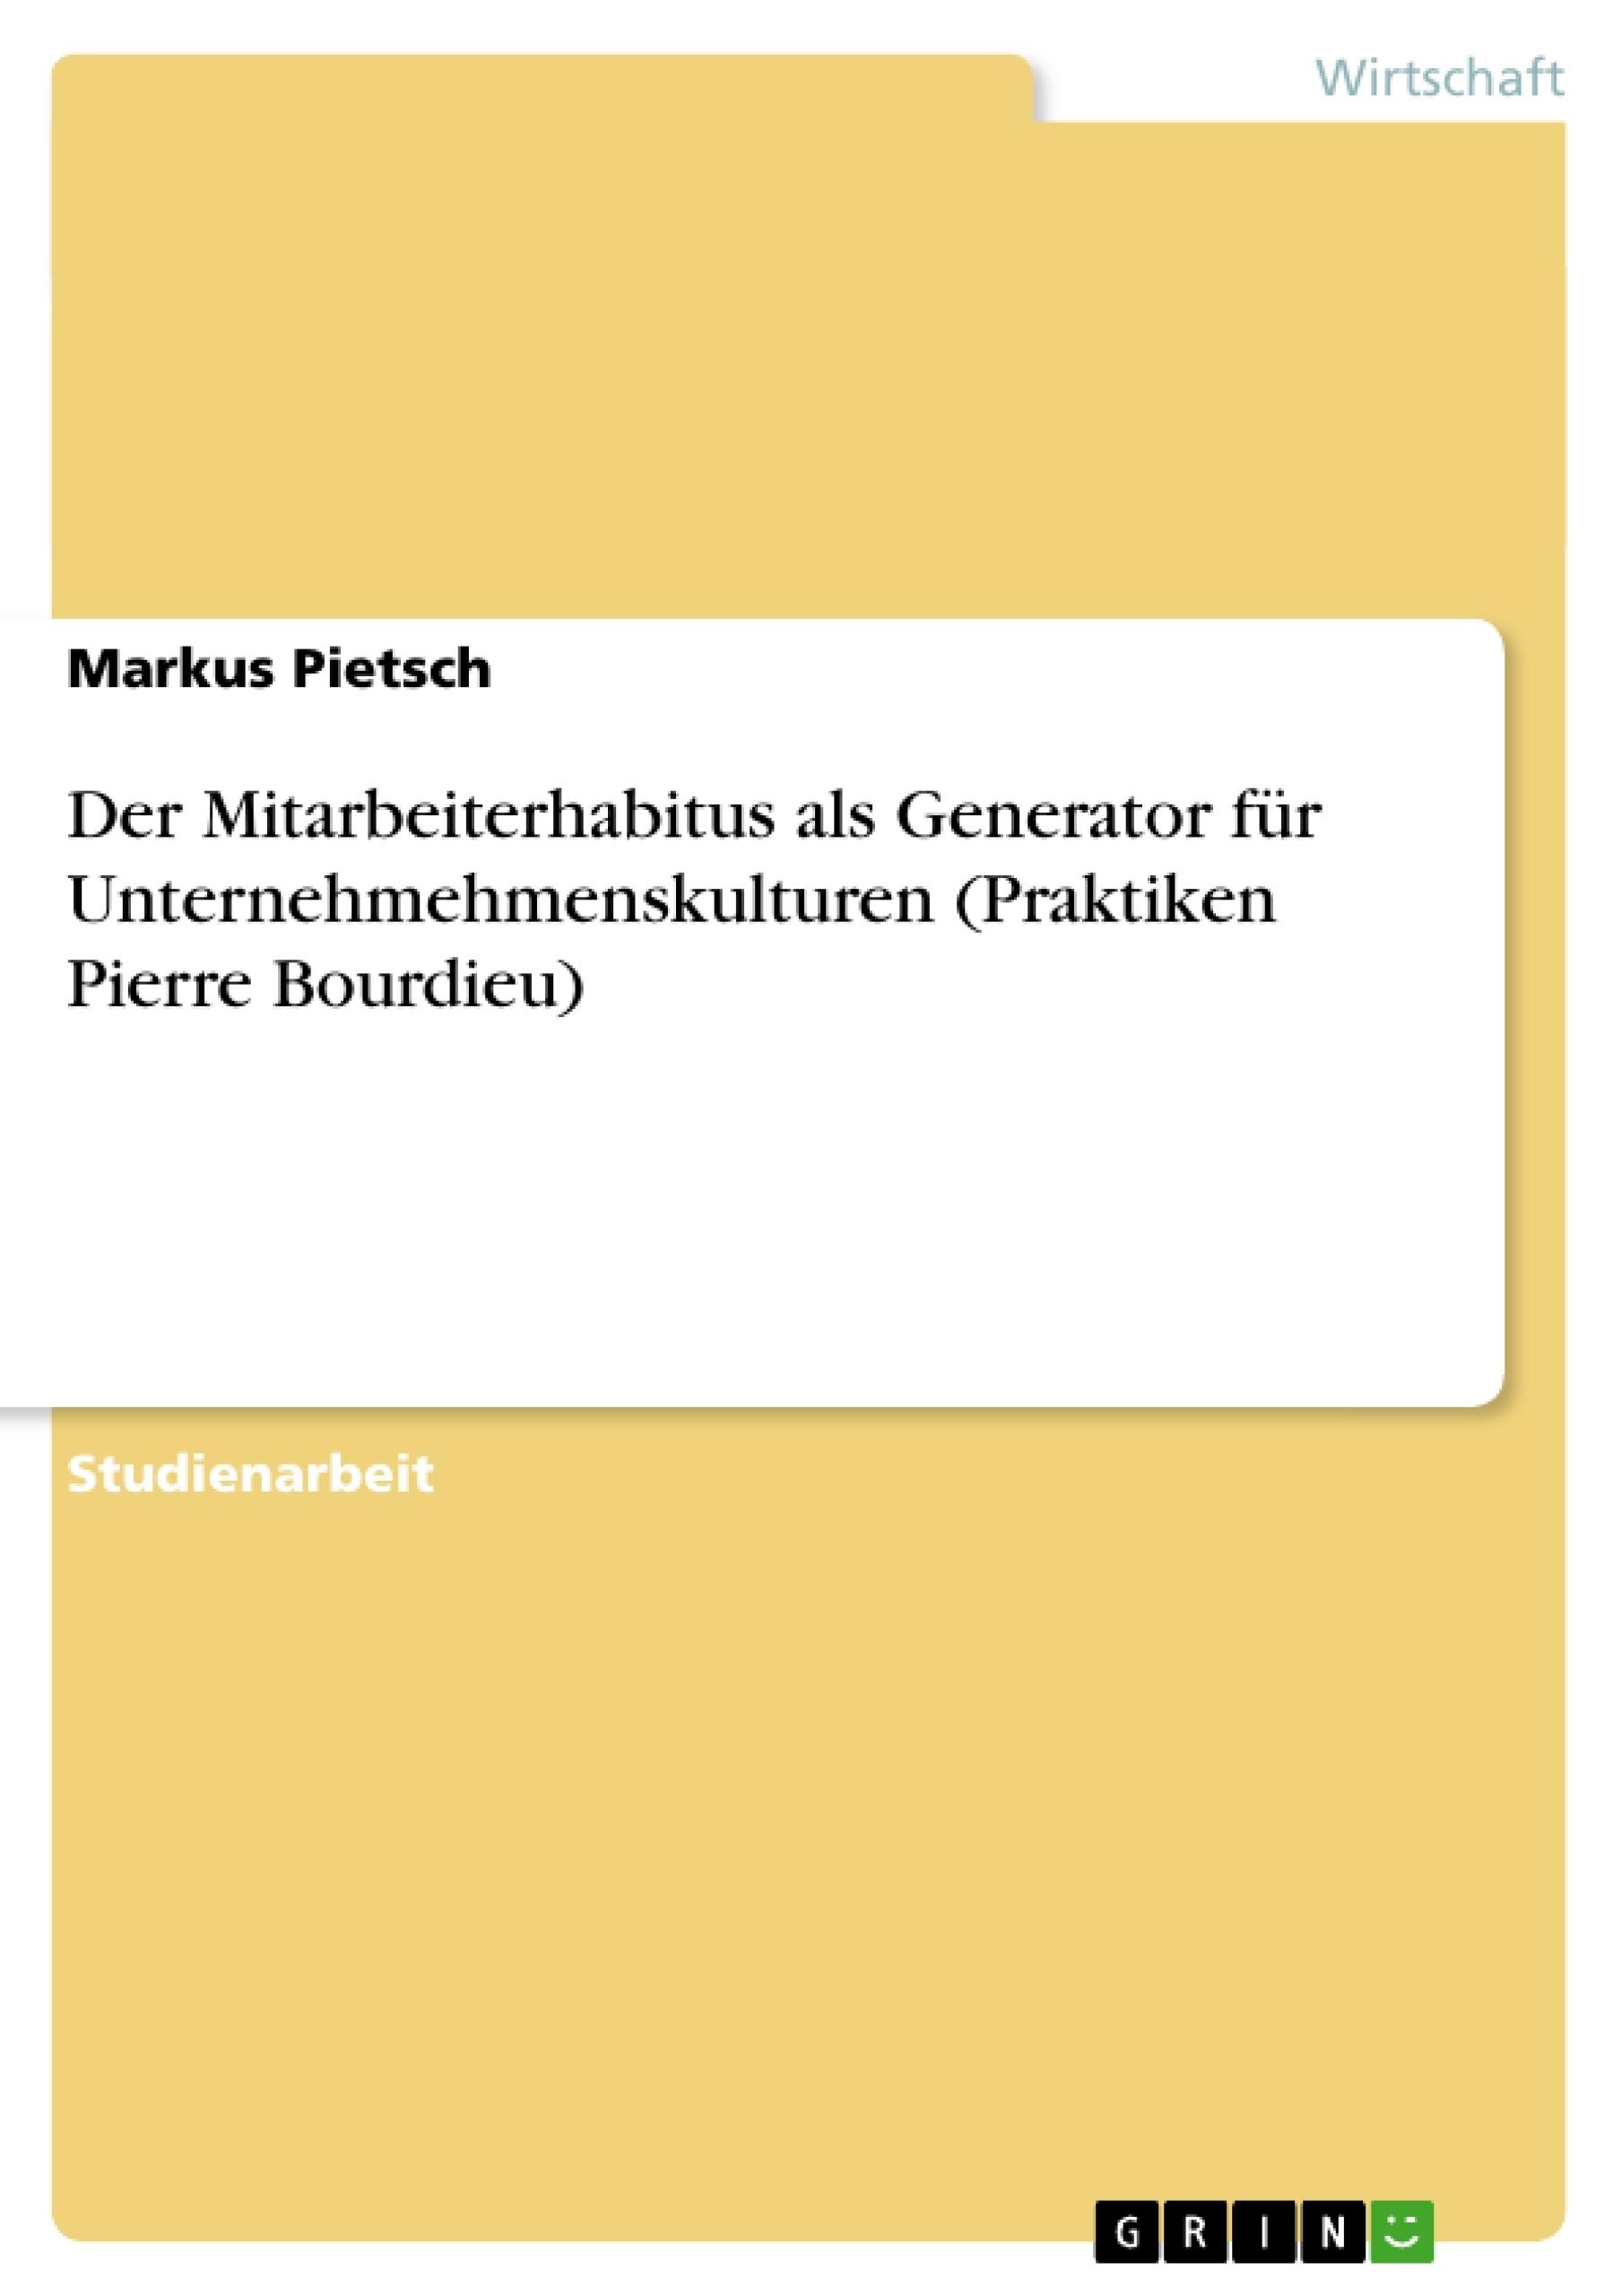 Titel: Der Mitarbeiterhabitus als Generator für Unternehmehmenskulturen (Praktiken Pierre Bourdieu)